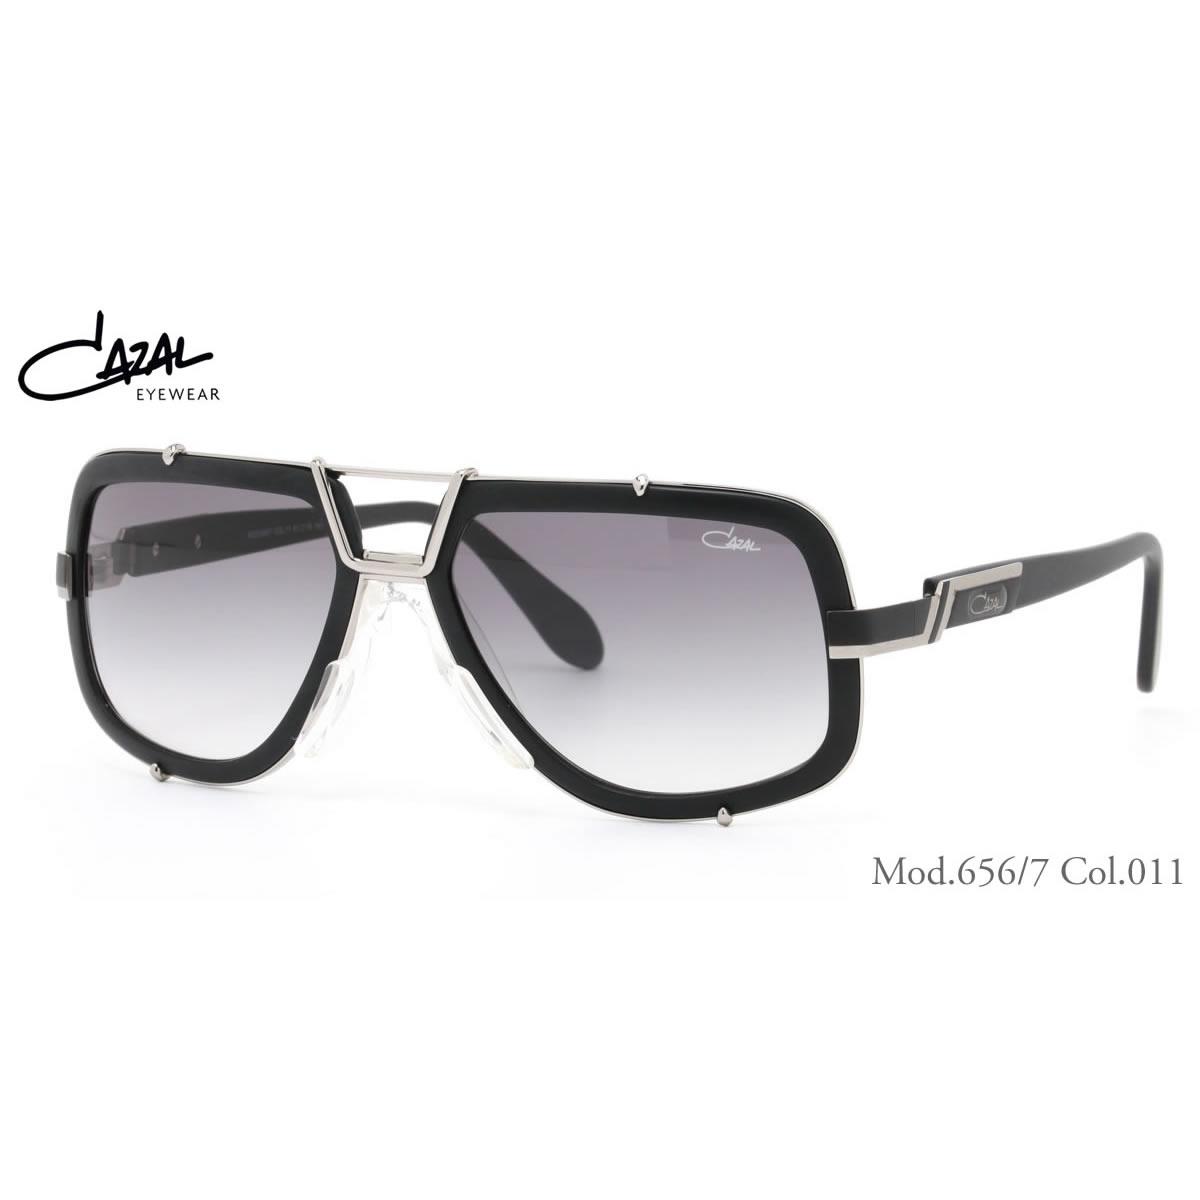 CAZAL カザール サングラス レジェンズ 656/7 011 61サイズ レジェンド CAZAL LEGENDS アジアンフィット メンズ レディース